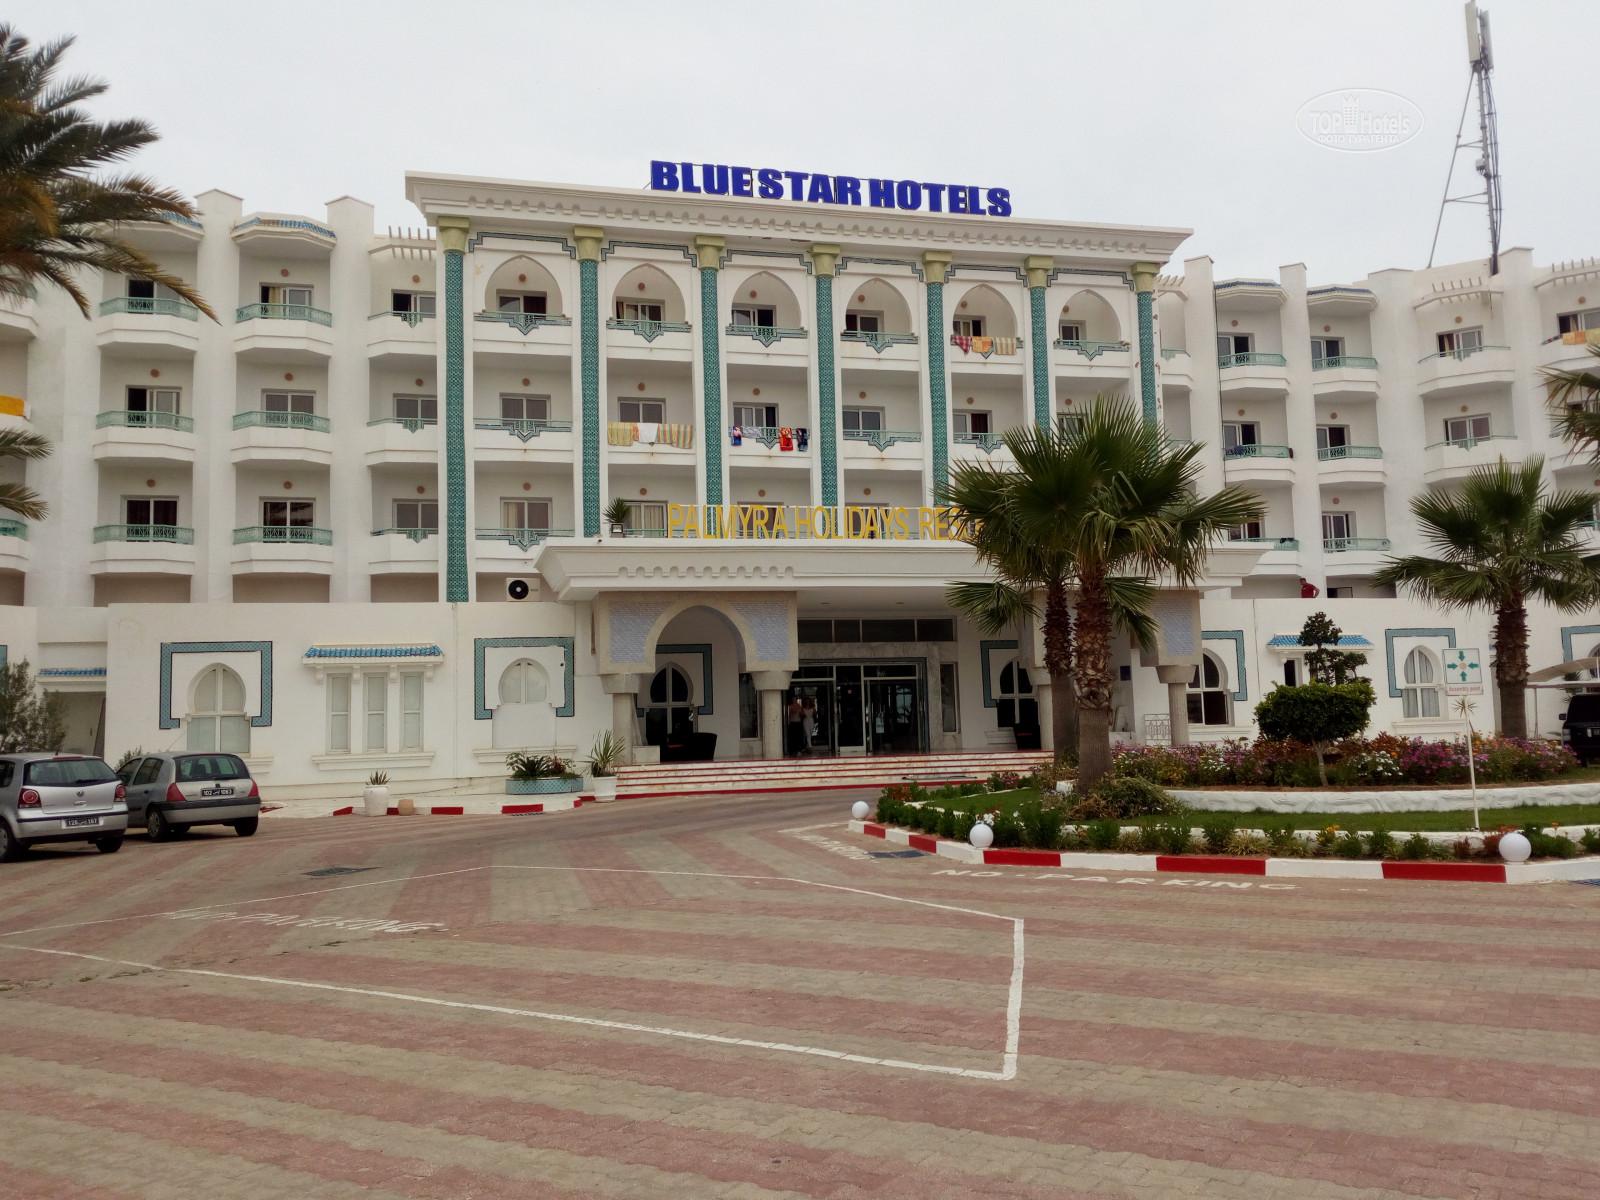 первом фото смотреть картинки муйген отель пальмира виде разумных